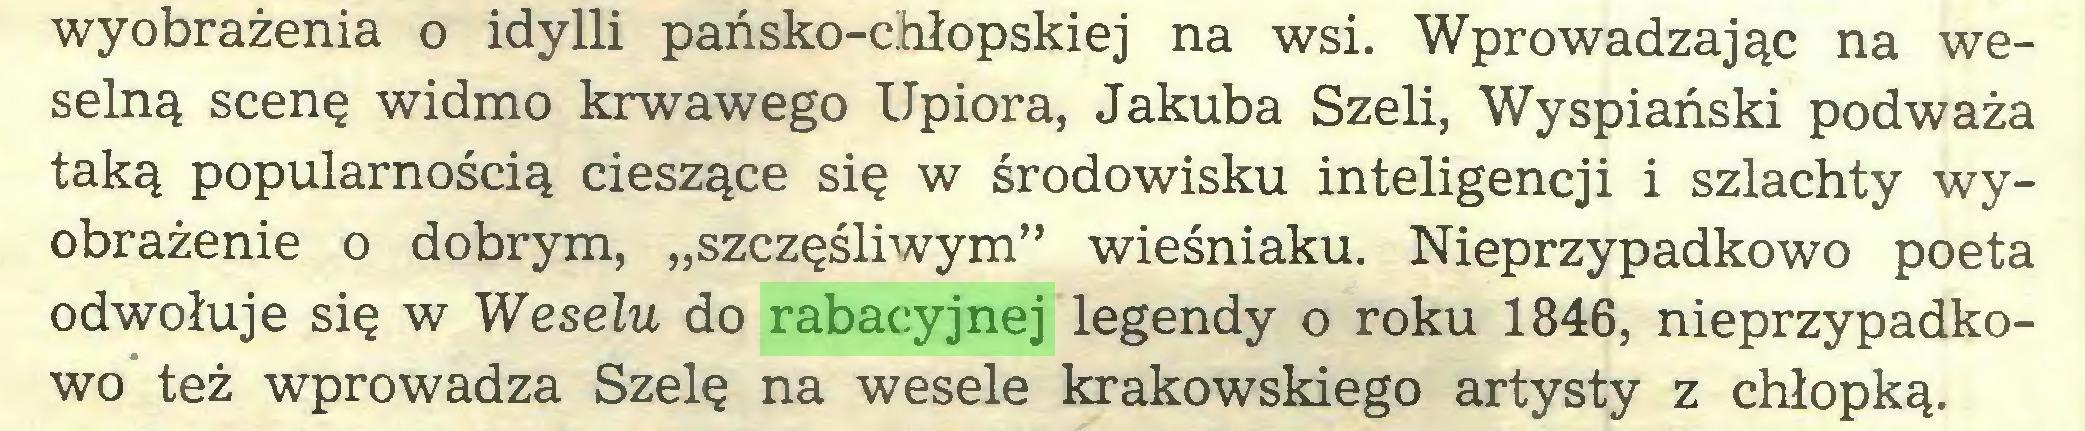 """(...) wyobrażenia o idylli pańsko-chłopskiej na wsi. Wprowadzając na weselną scenę widmo krwawego Upiora, Jakuba Szeli, Wyspiański podważa taką popularnością cieszące się w środowisku inteligencji i szlachty wyobrażenie o dobrym, """"szczęśliwym"""" wieśniaku. Nieprzypadkowo poeta odwołuje się w Weselu do rabacyjnej legendy o roku 1846, nieprzypadkowo też wprowadza Szelę na wesele krakowskiego artysty z chłopką..."""